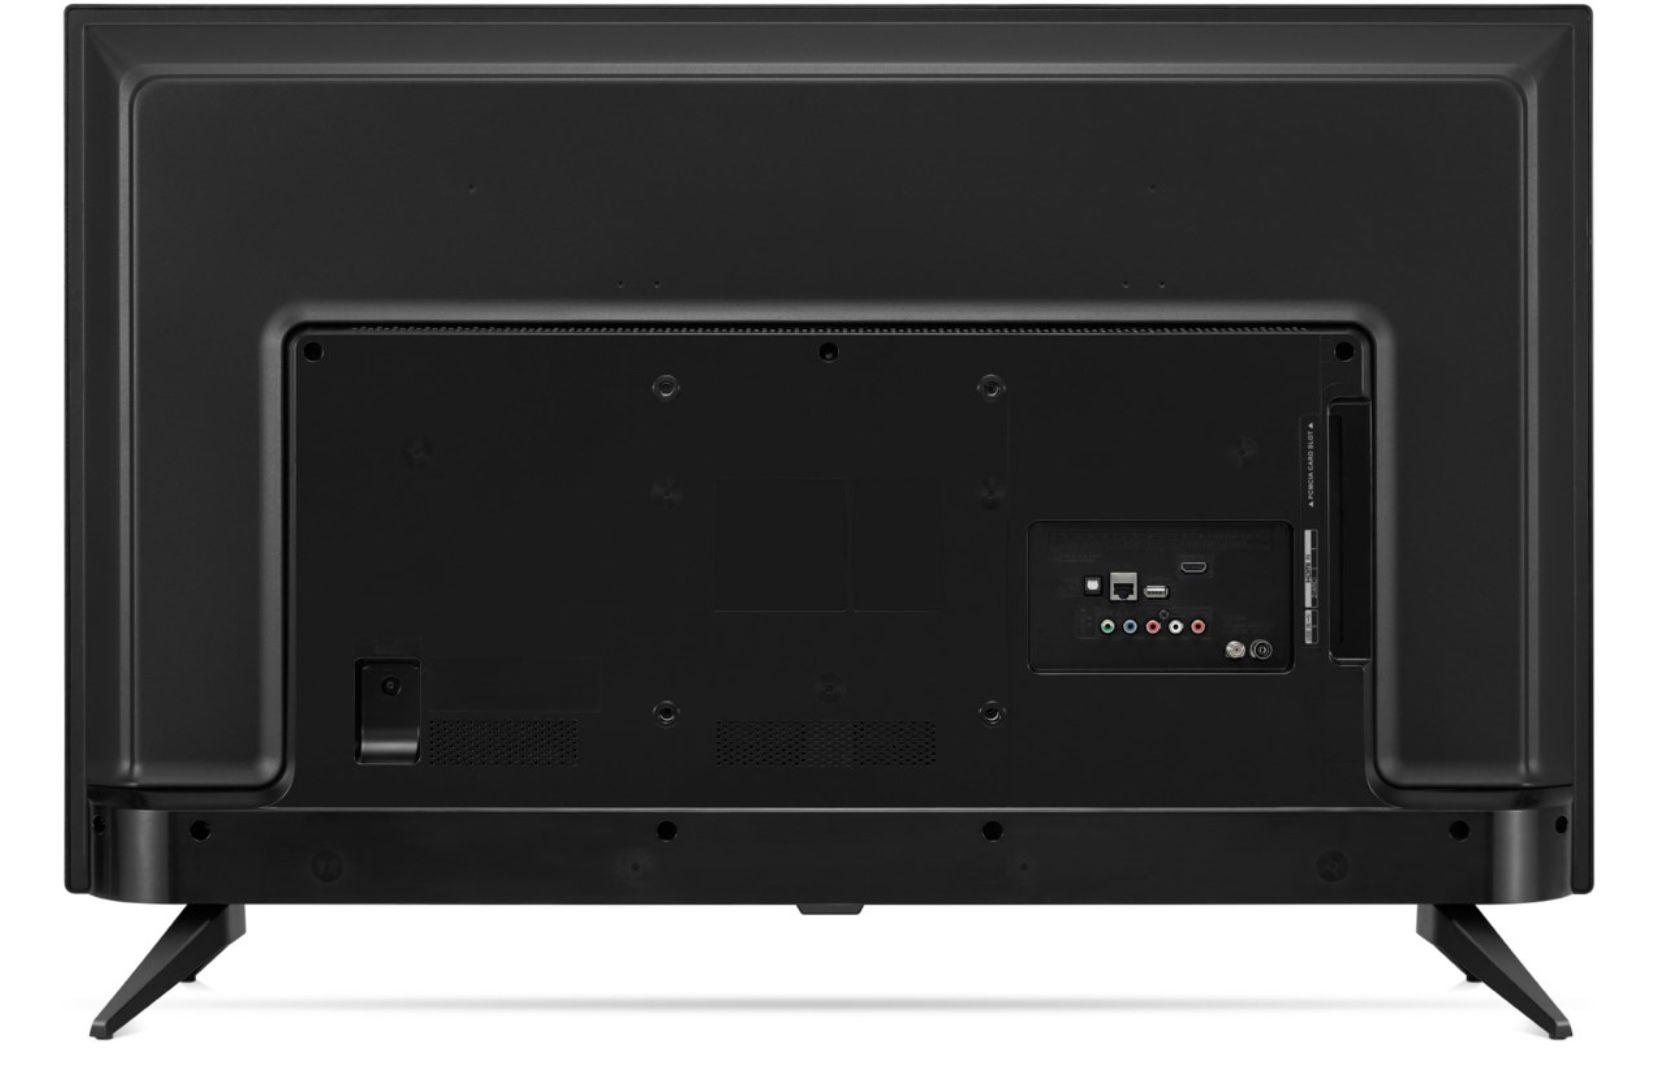 LG 43UN70006LA   43 Zoll UHD smart TV für 314,98€ (statt 360€)